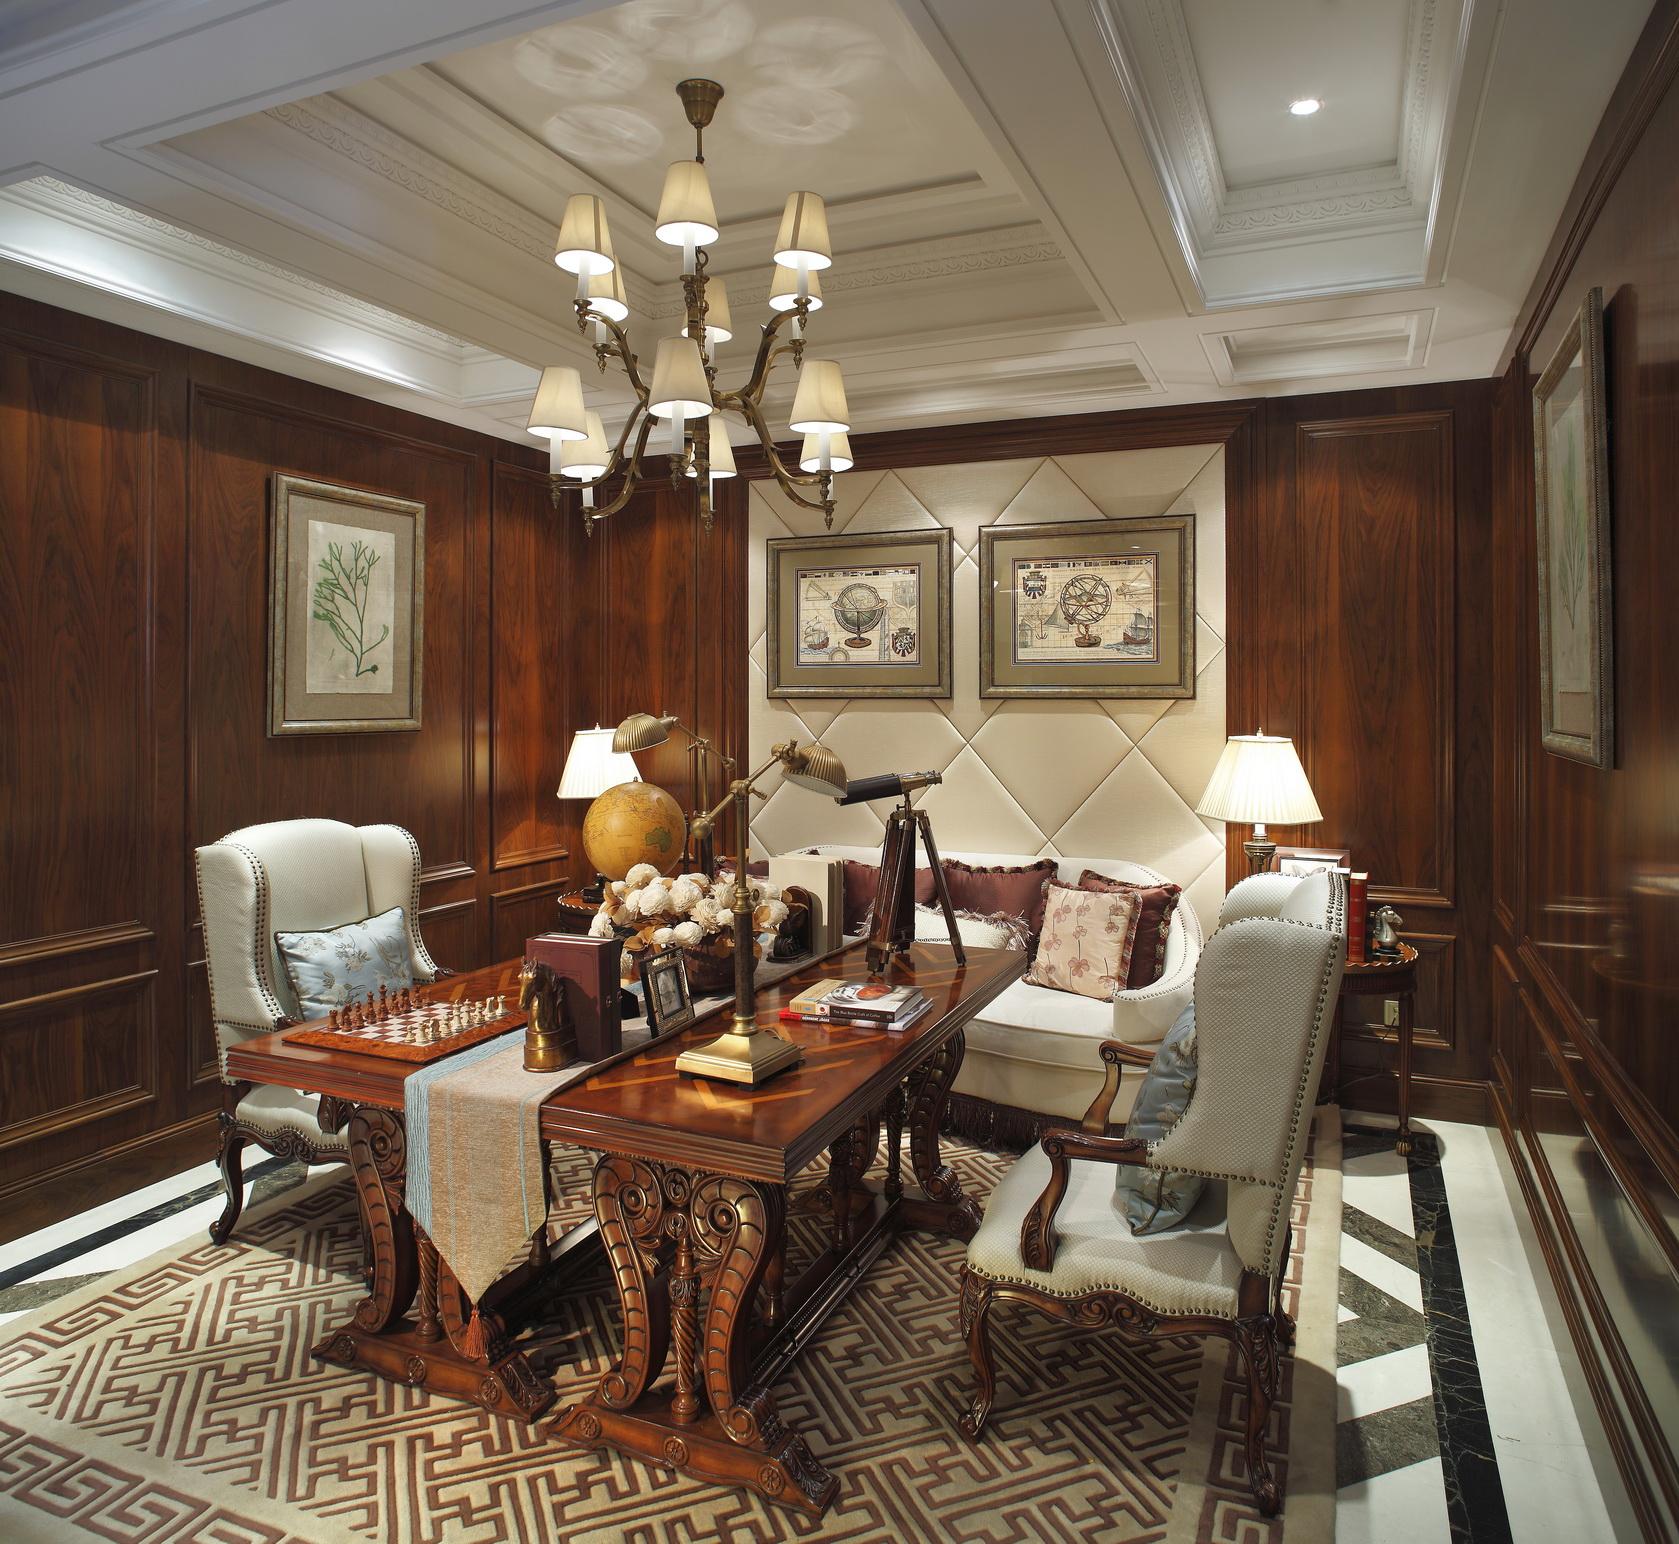 别墅装修 别墅设计 别墅 美式风格 餐厅图片来自北京高度国际在美式豪华别墅设计的分享